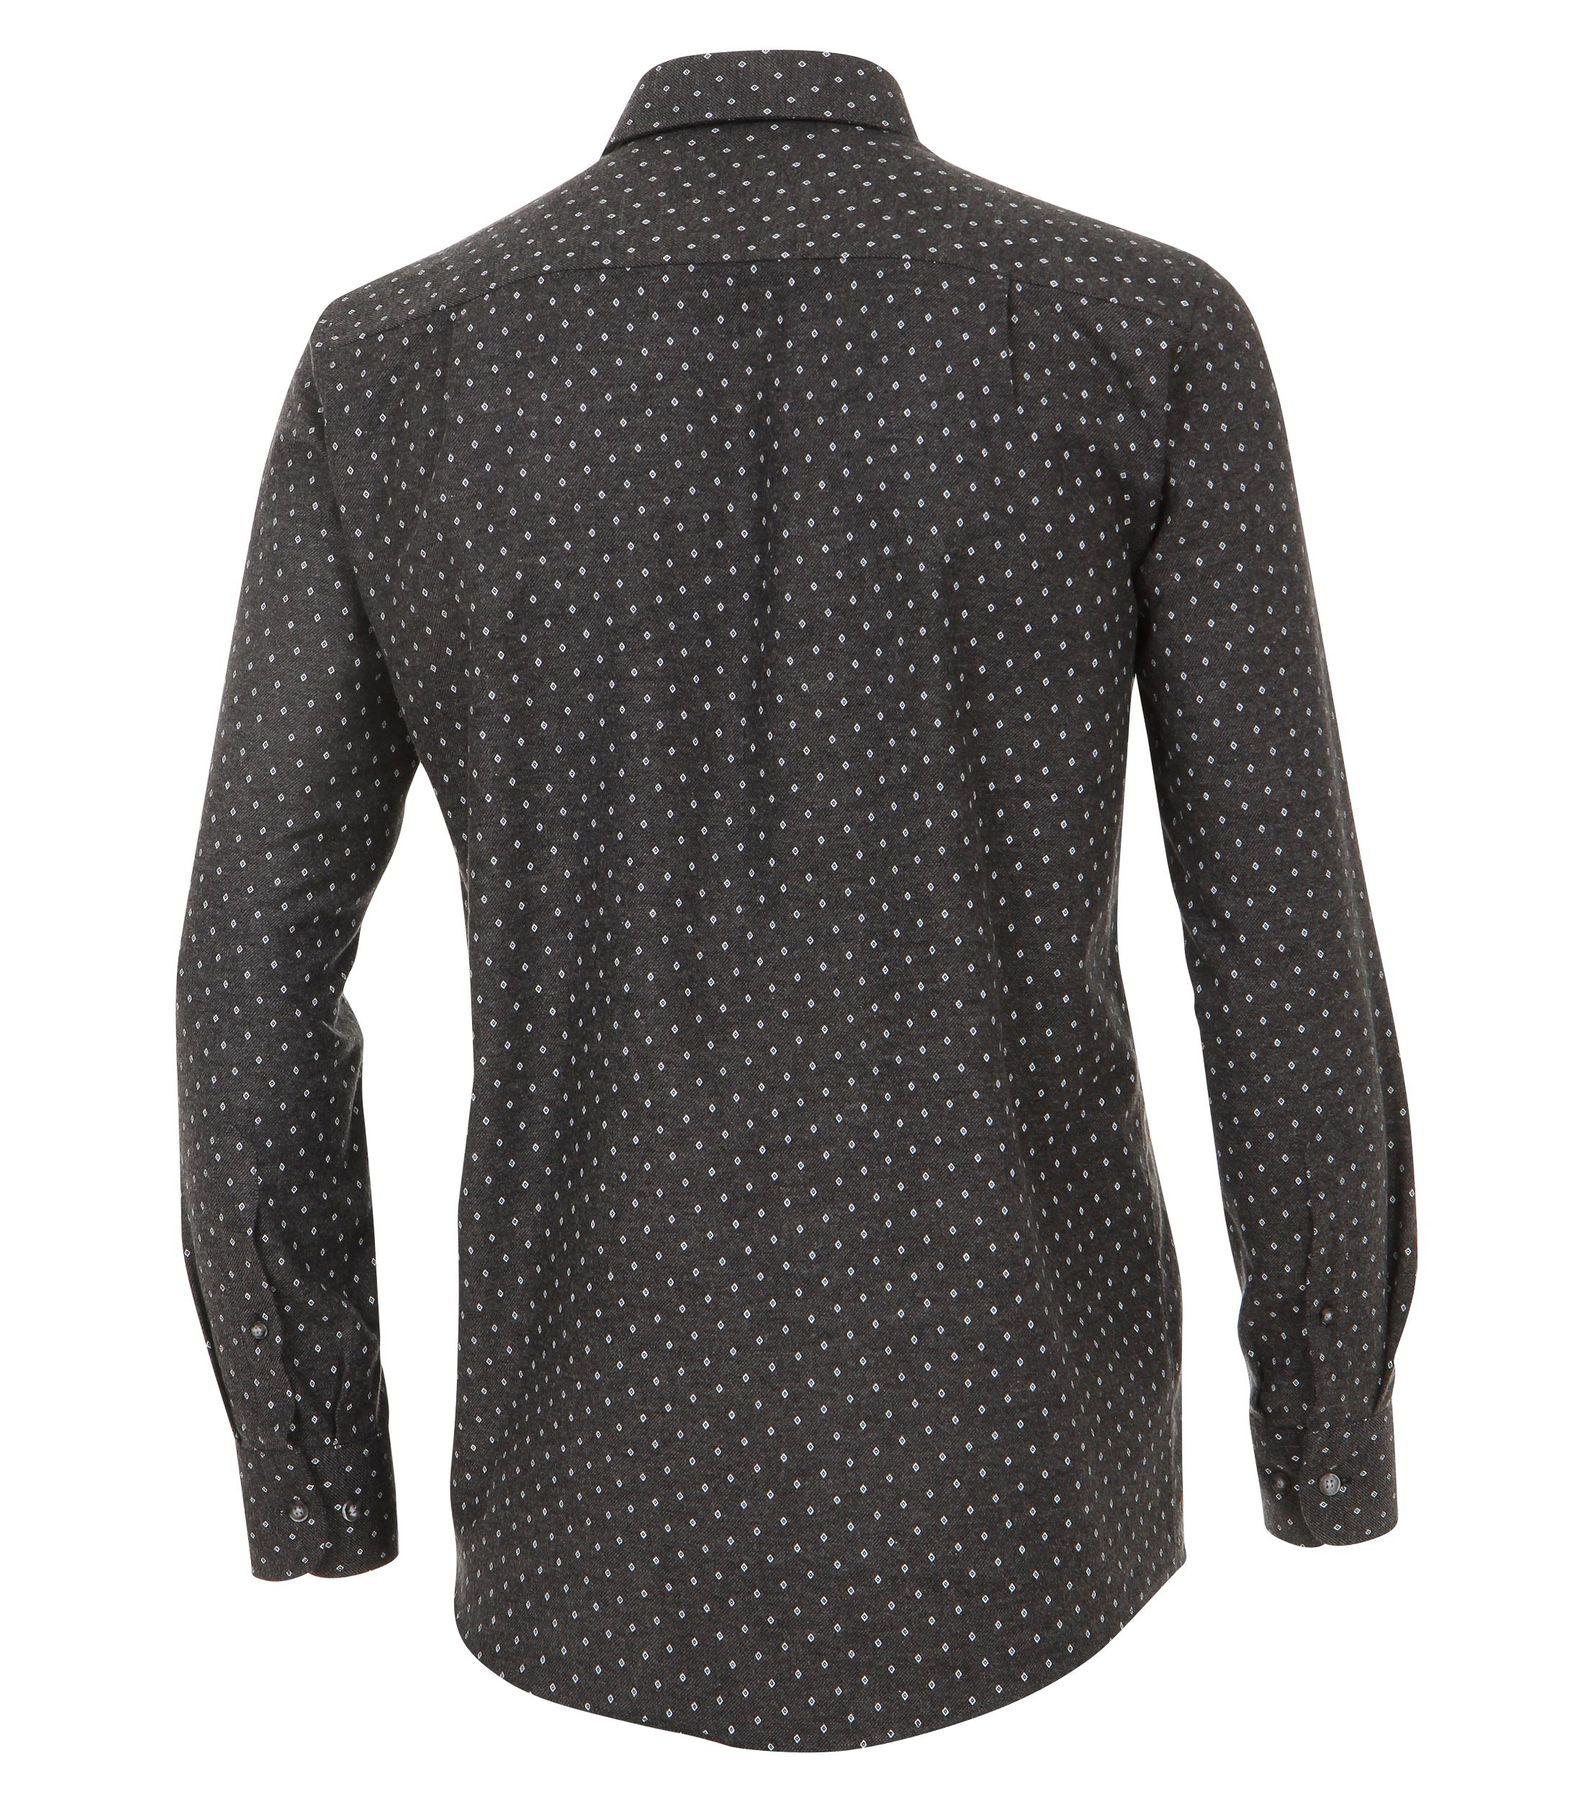 Casa Moda - Casual Fit - Flanell Herren Hemd, mit modischem Druck und Kent-Kragen in Braun (472823800) – Bild 2